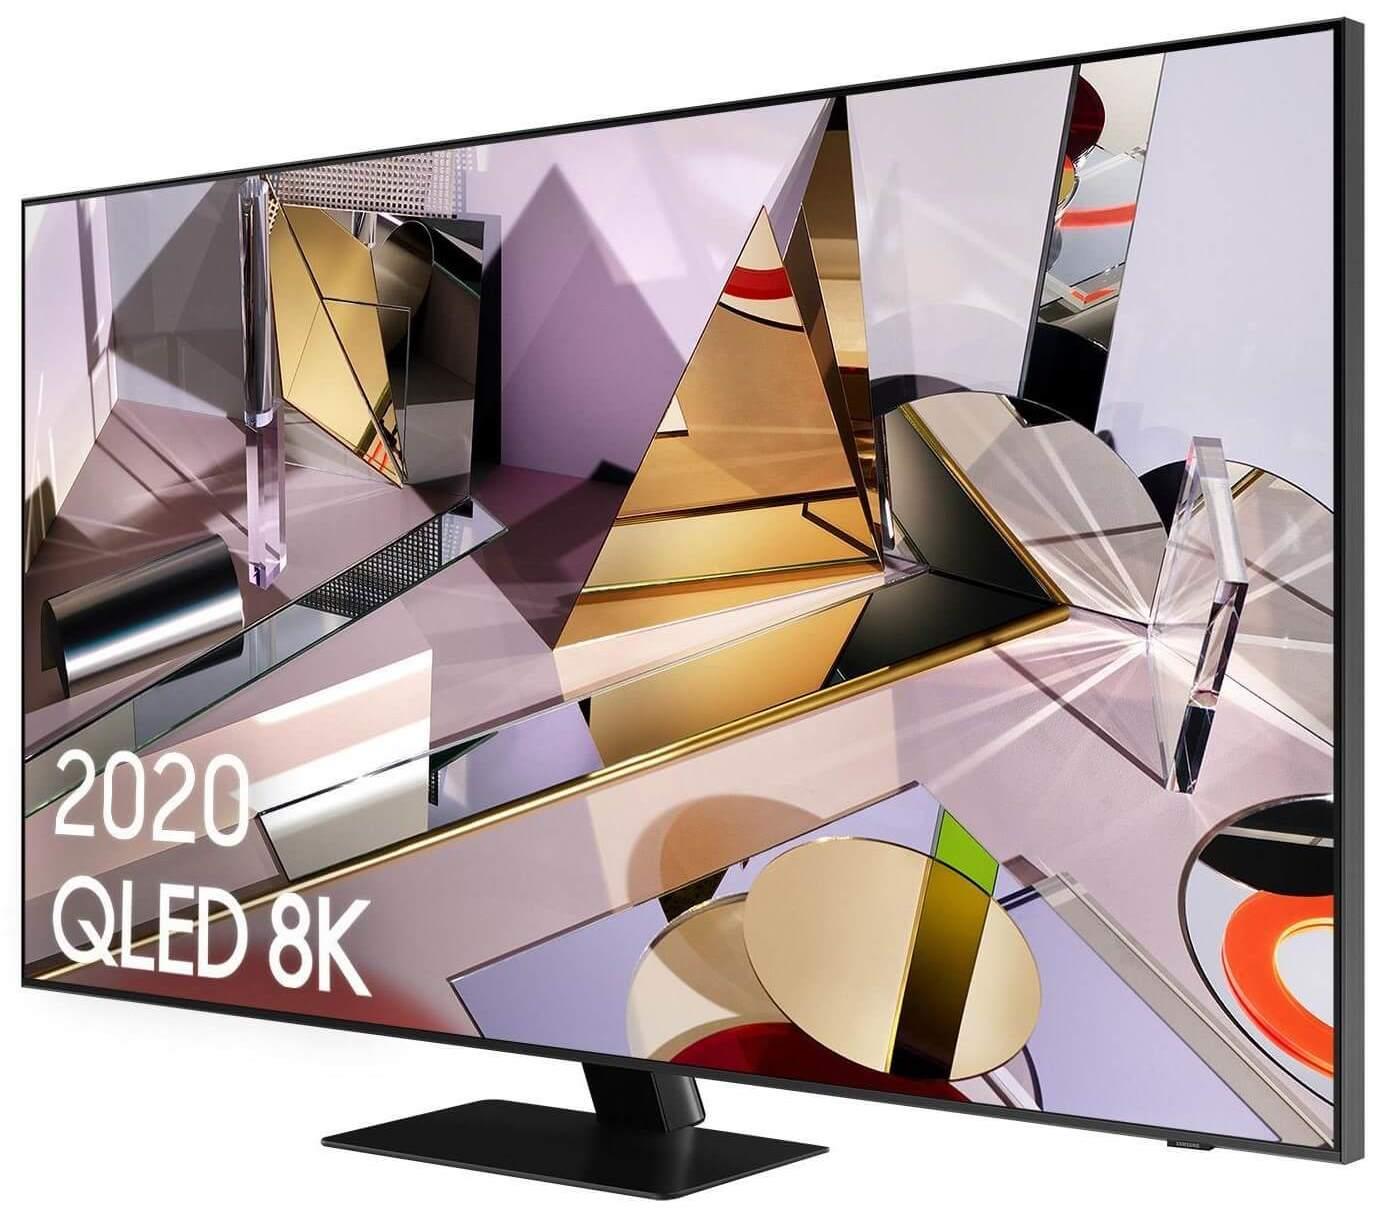 טלוויזיה 65 אינטש Samsung QE65Q700T 8K סמסונג - תמונה 2